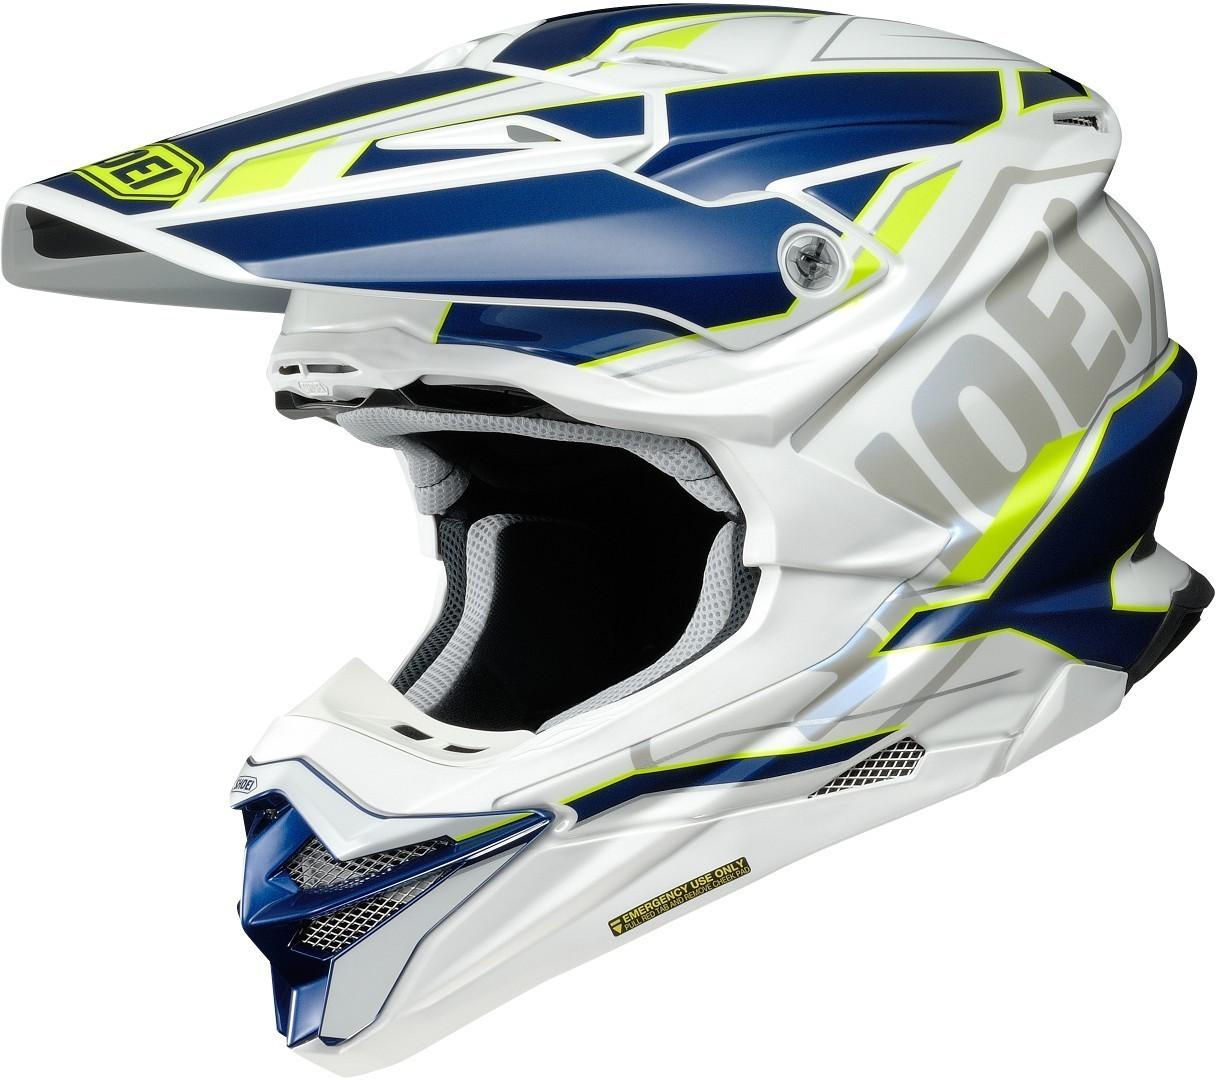 Shoei VFX-WR Allegiant Helmet - White, Blue & Flo Image